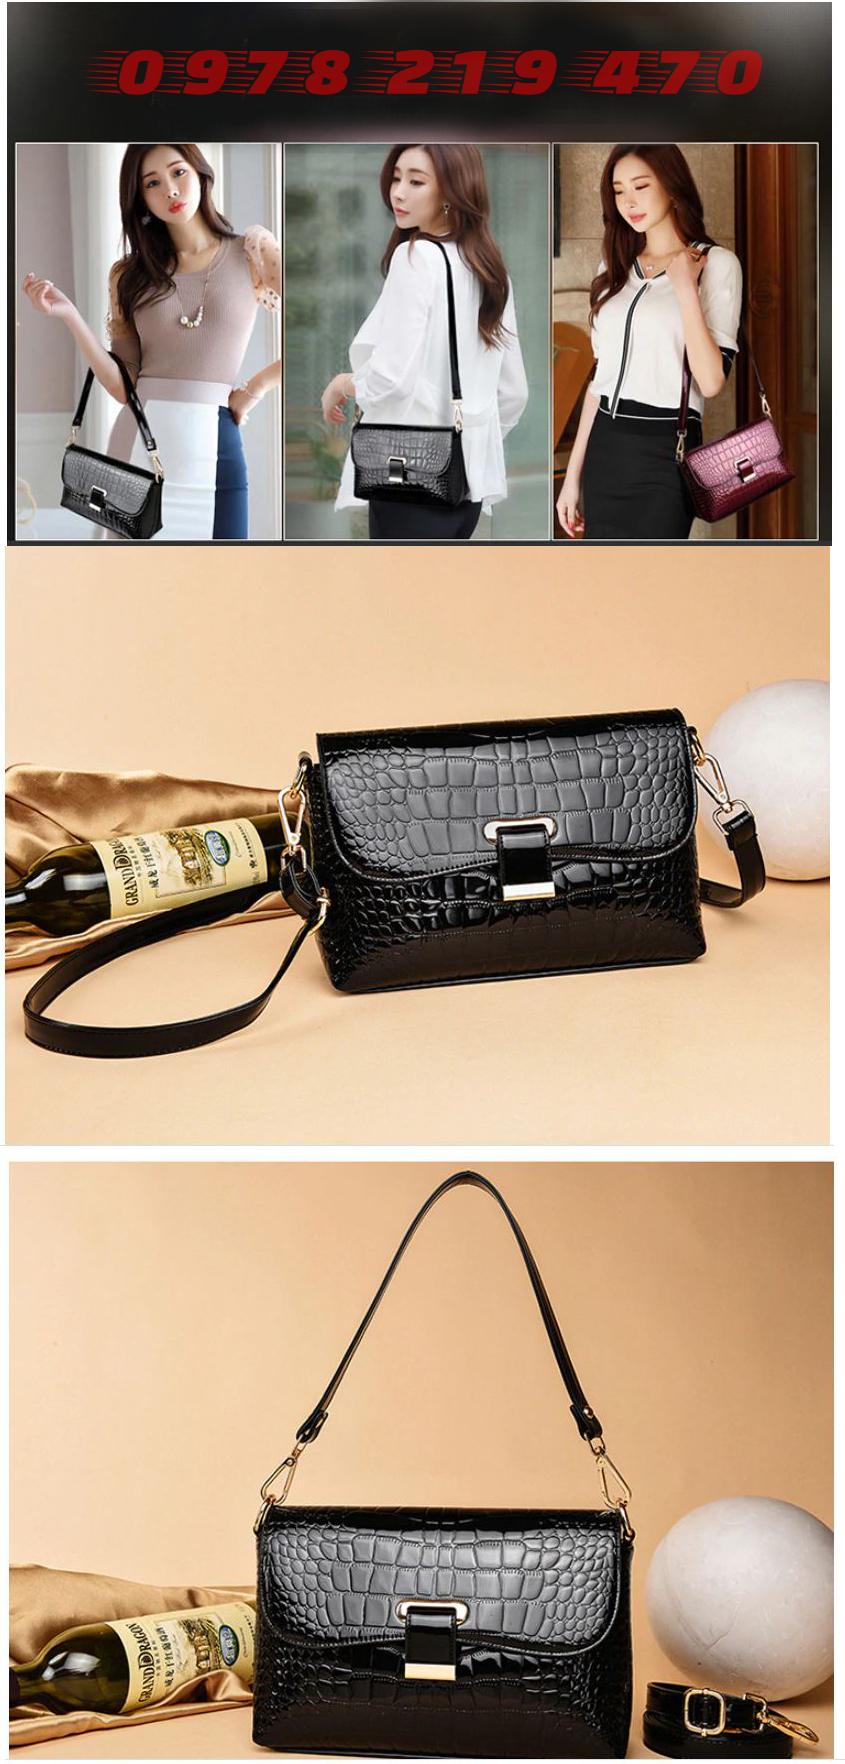 Túi xách nữ hàng hiệu cao cấp - TX25